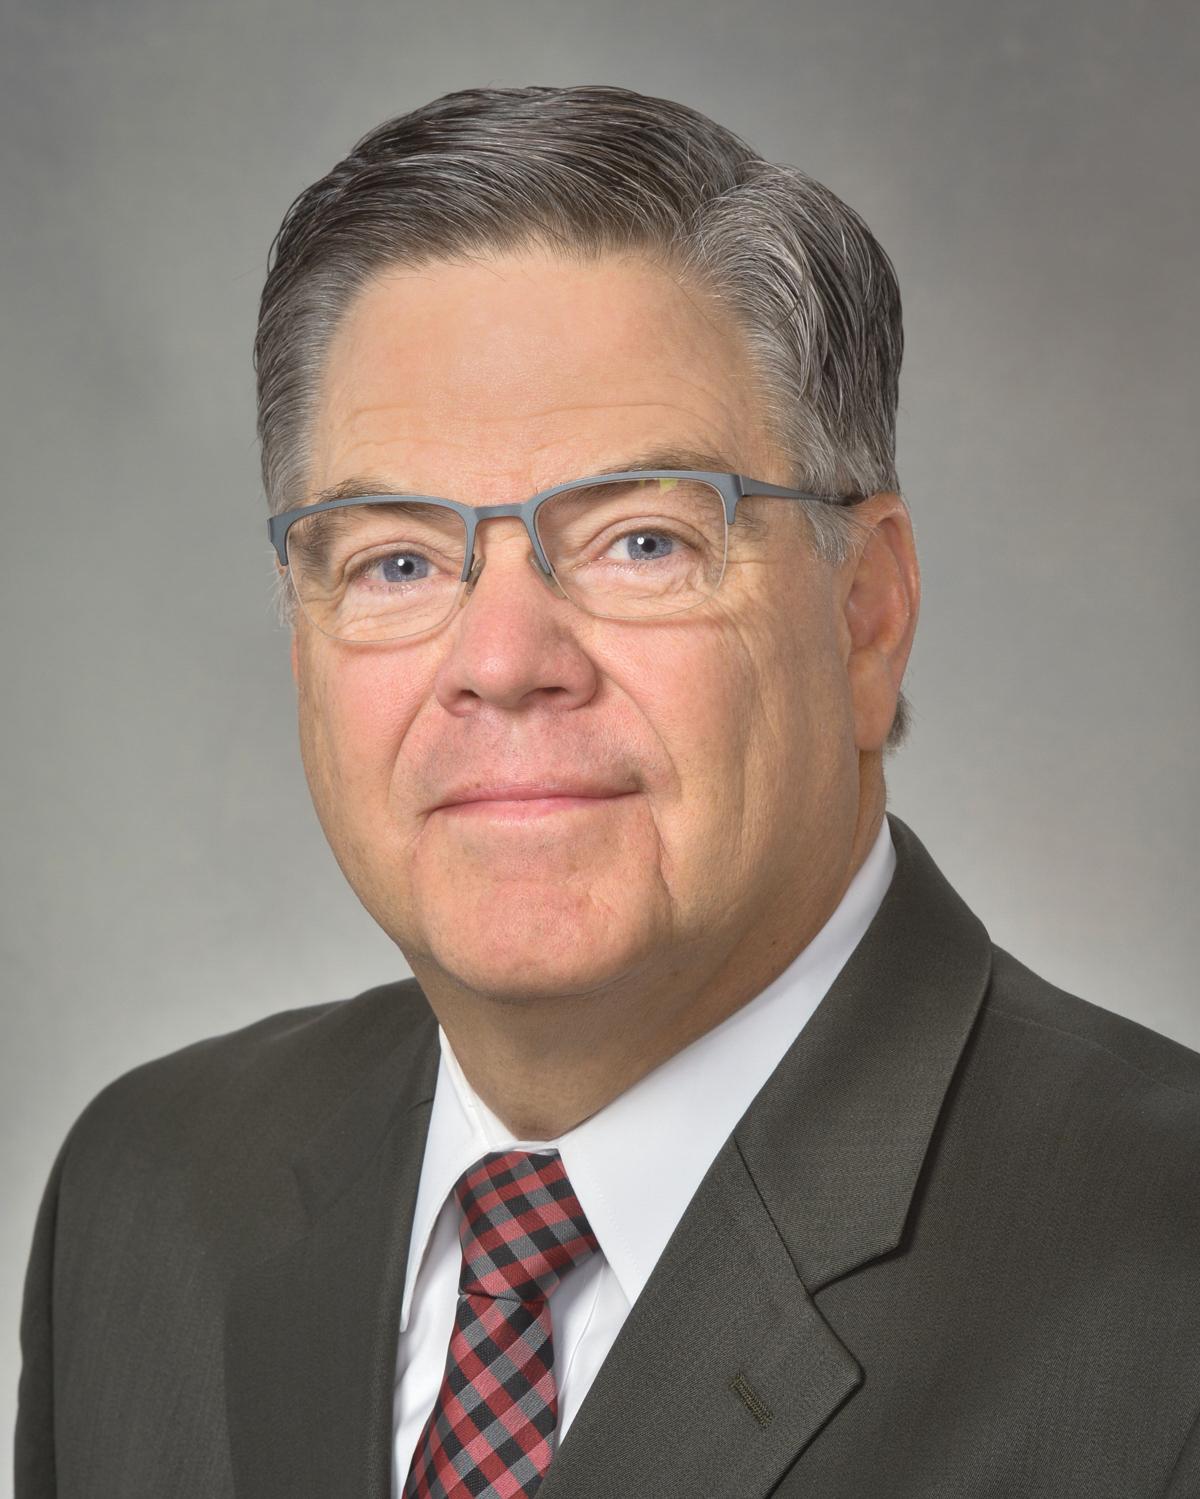 Neil Krevda